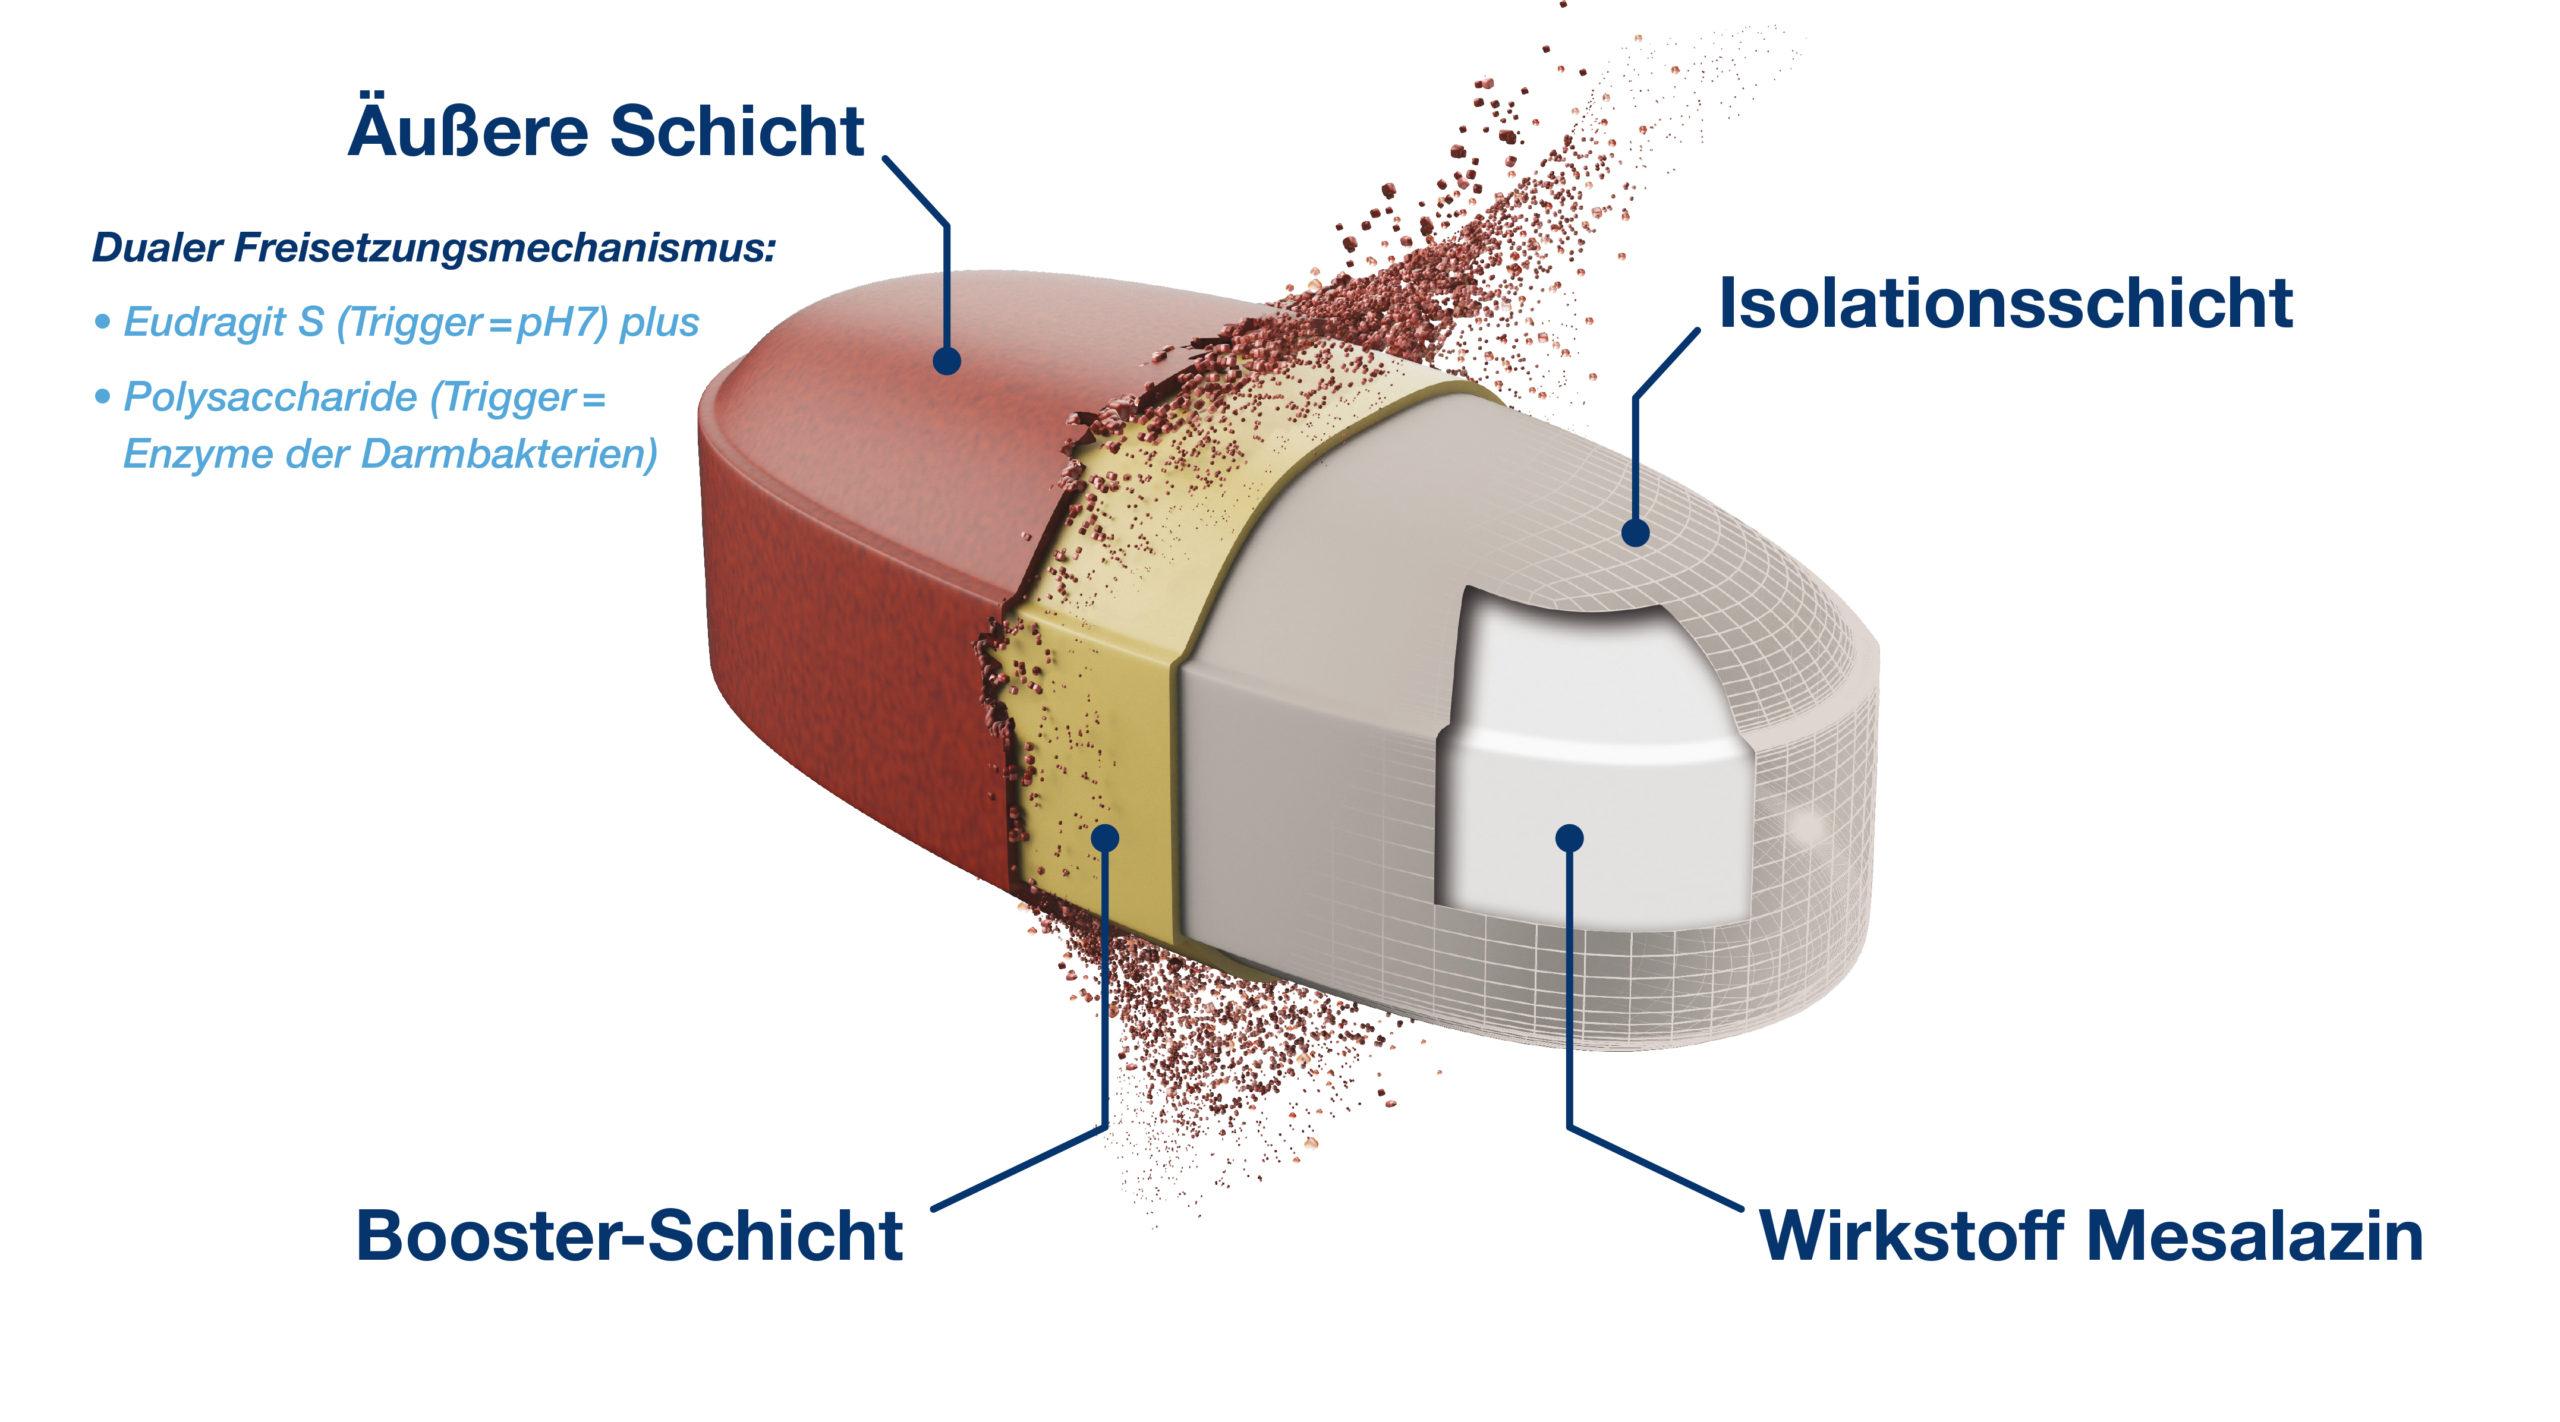 Colitis ulcerosa: So funktioniert bei Asacol<sup>®</sup> 1600 mg die OPTICORE<sup>TM</sup>-Technologie von Tillotts zur Freisetzung der hohen Mesalazin-Dosis im gesamten Kolon